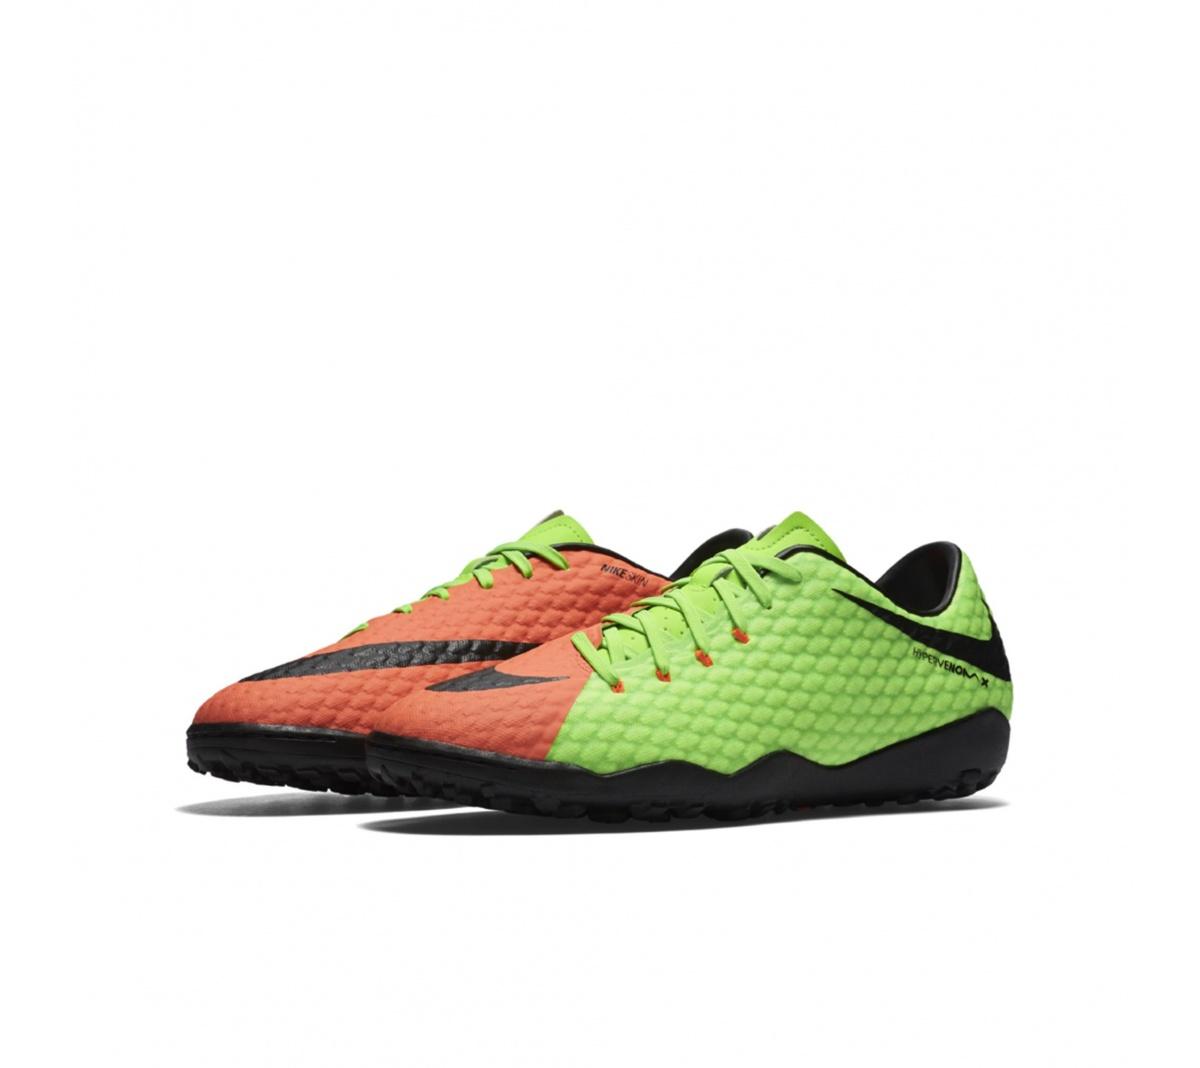 0237433173ab5 Chuteira Nike Hypervenom X III Society Vd/Rs - Mundo do Futebol